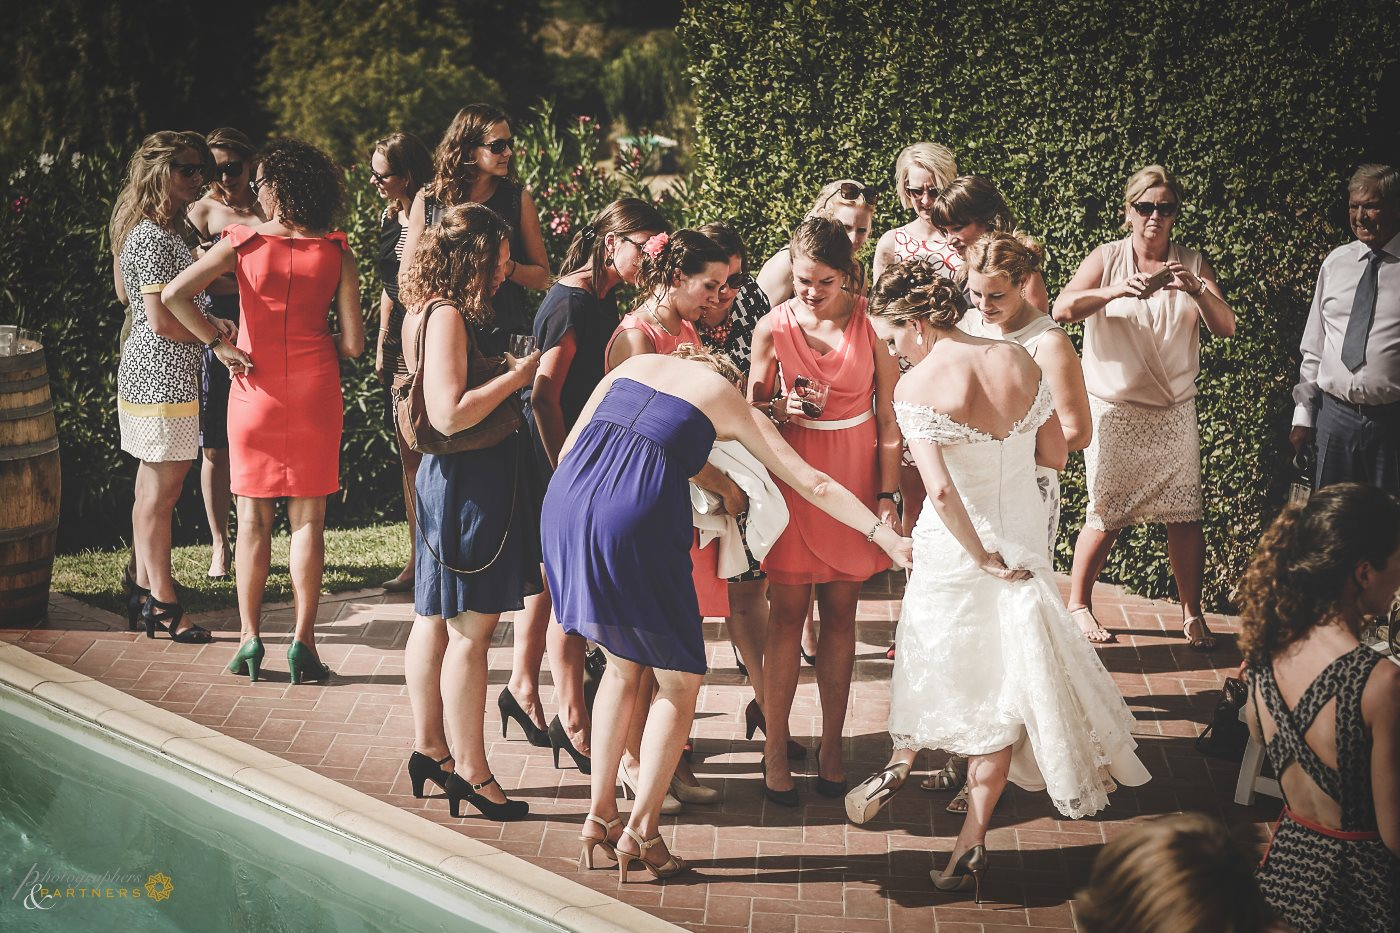 wedding_photos_san_gervasio_pisa_12.jpg